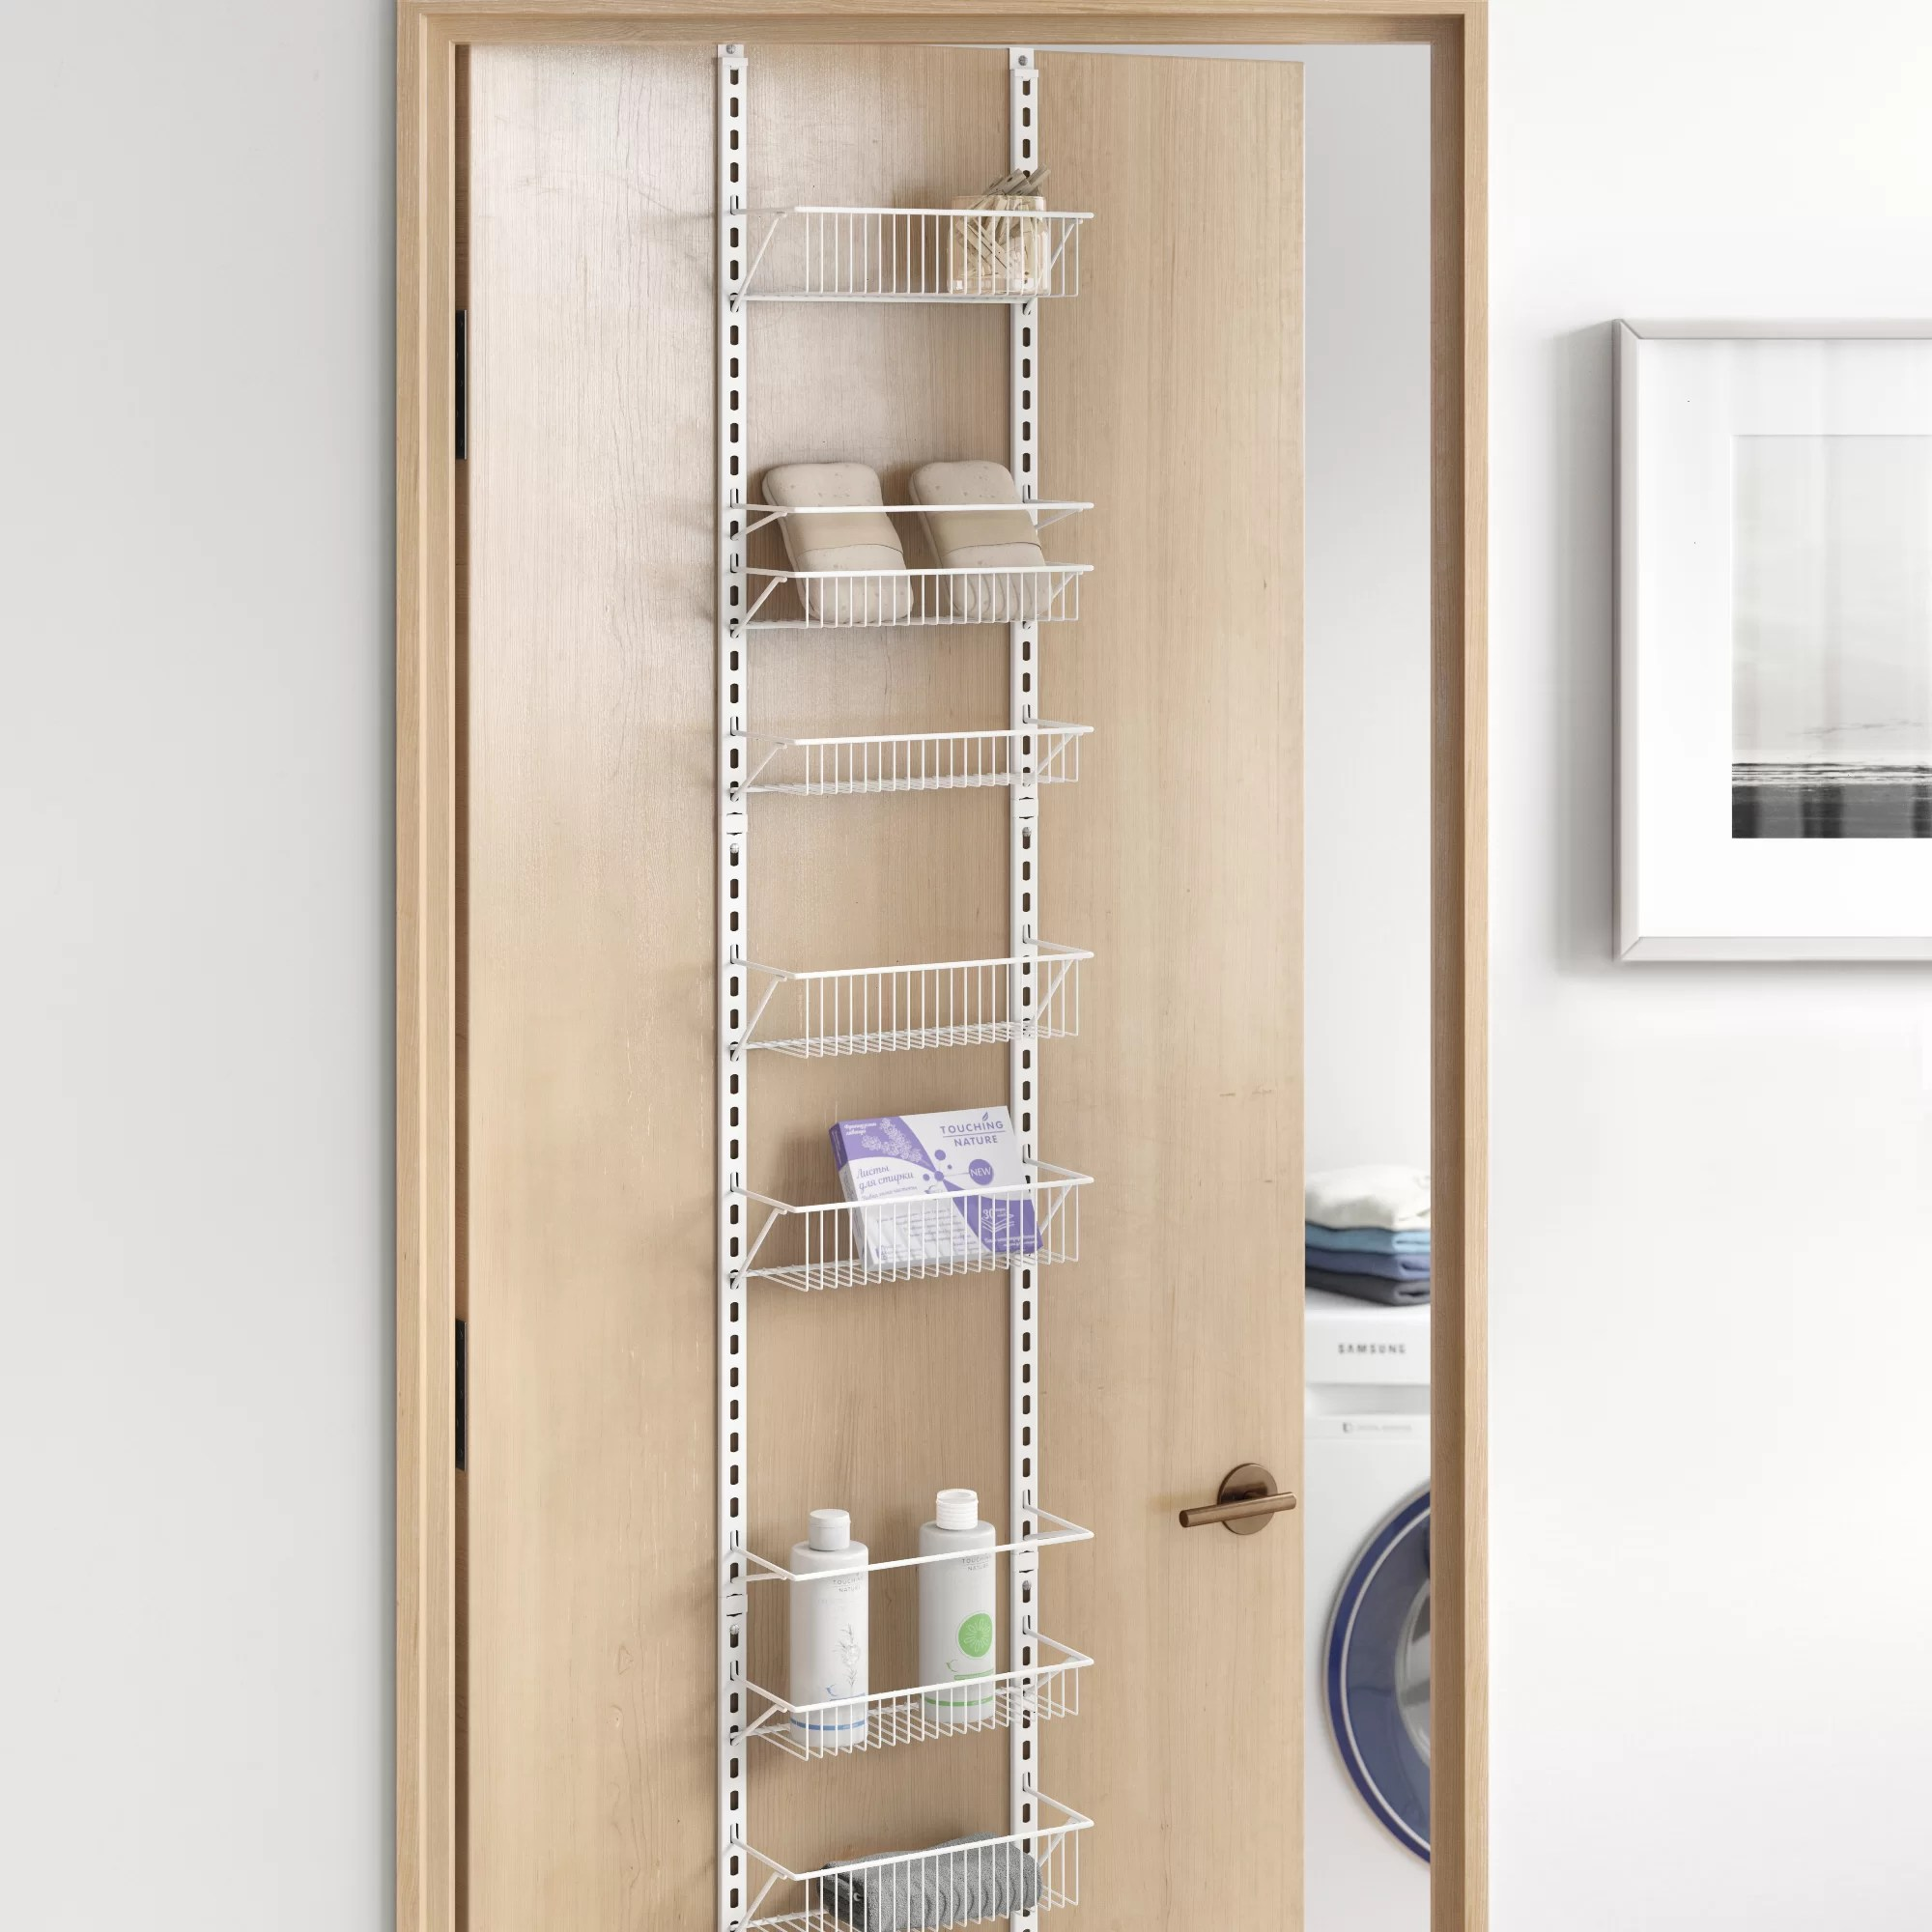 8 tier cabinet door organizer